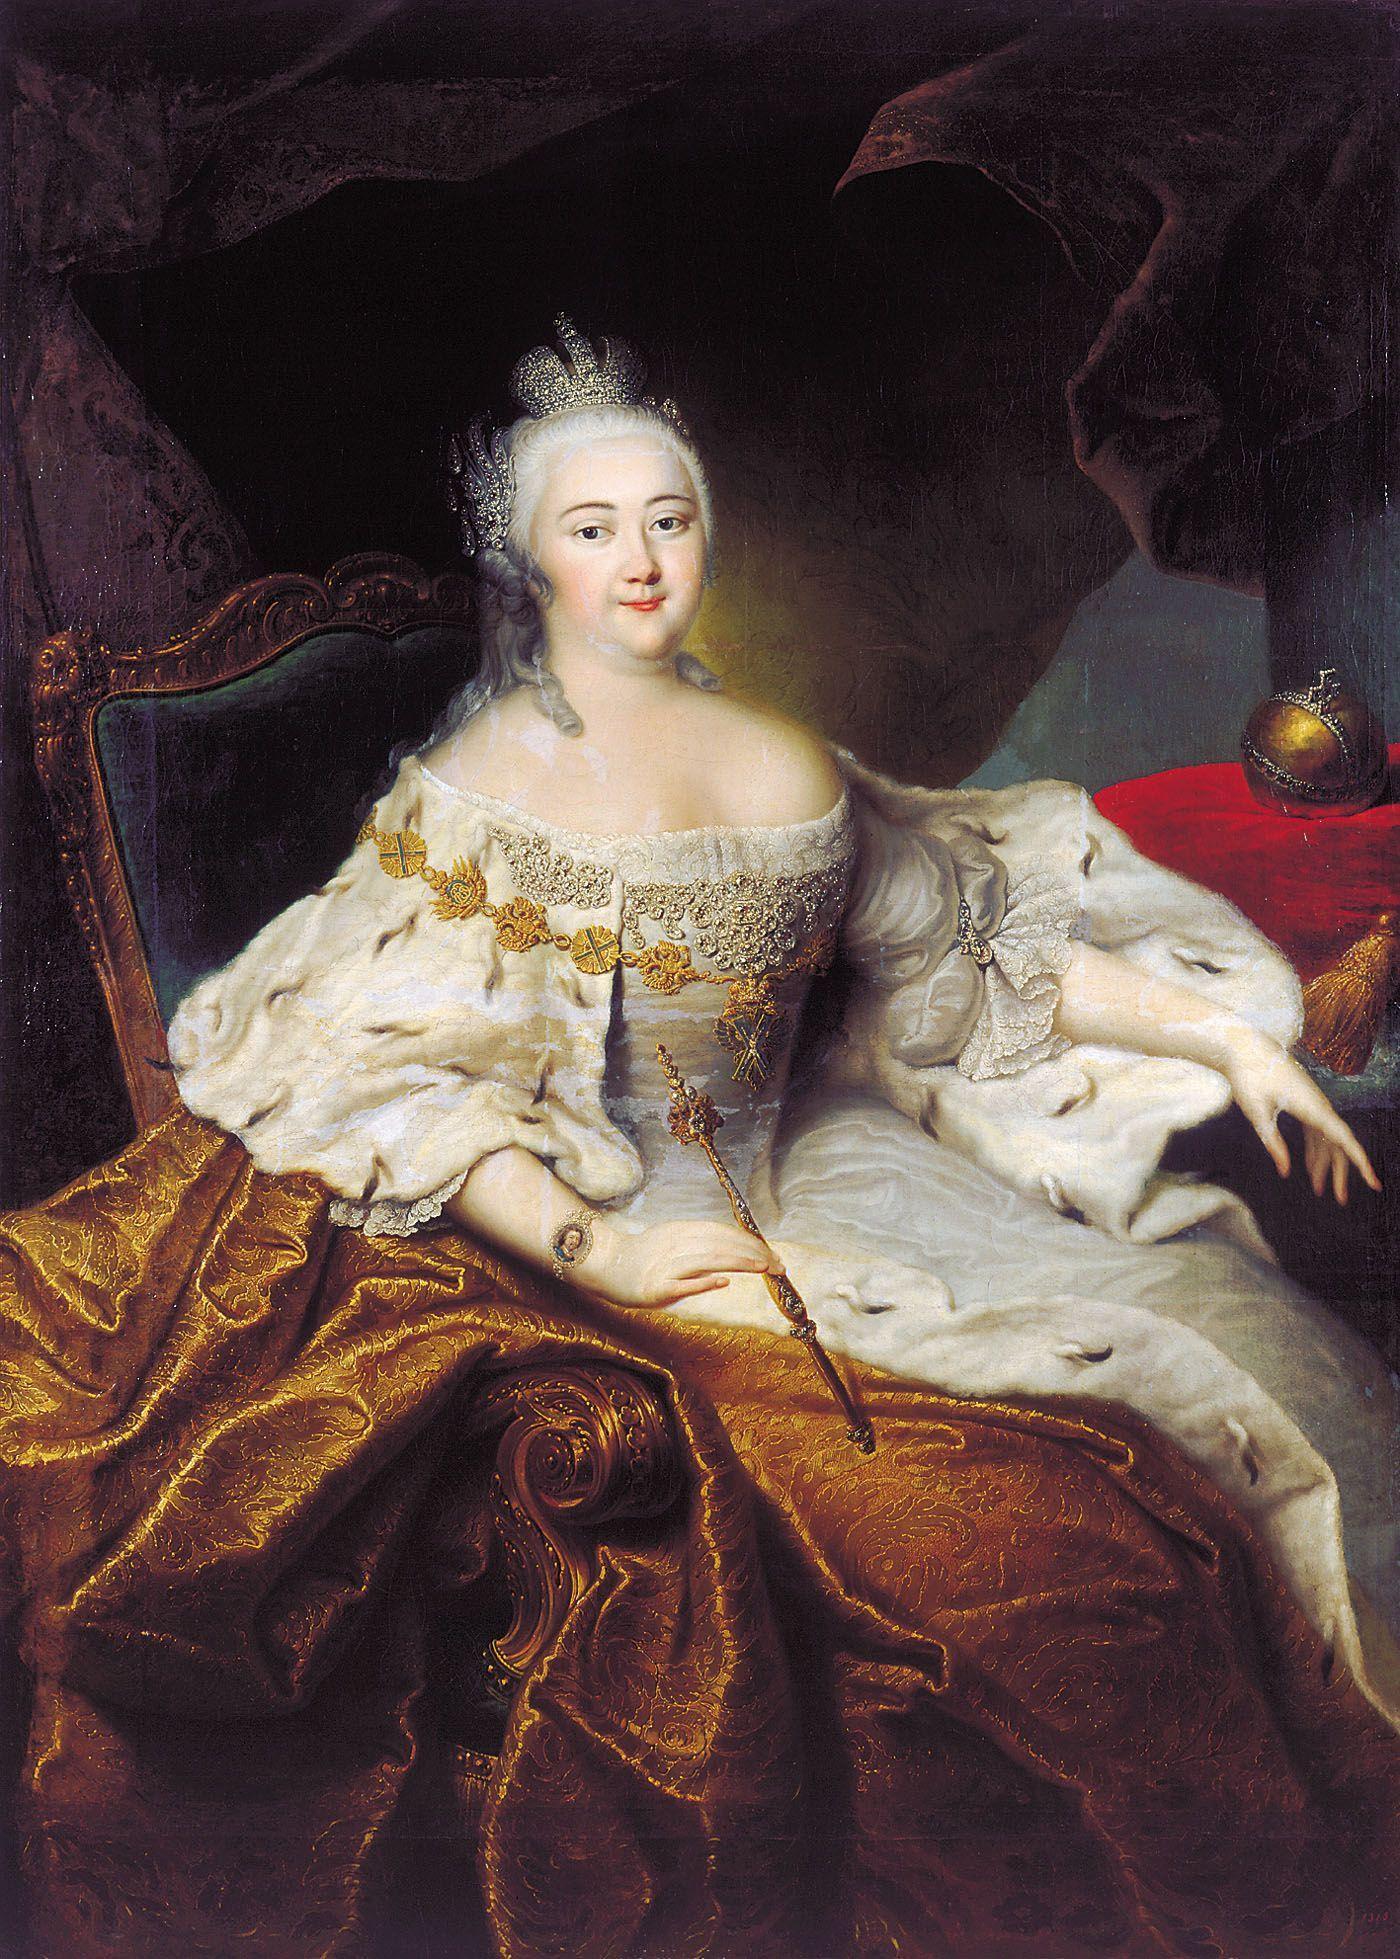 Stara panna - tak. Dziewica - absolutnie nie! Caryca Elżbieta I korzystała z rozkoszy łoża od wczesnej młodości do śmierci. Portret pędzla Georga Christopha Grootha z XVIII wieku (źródło: domena publiczna).